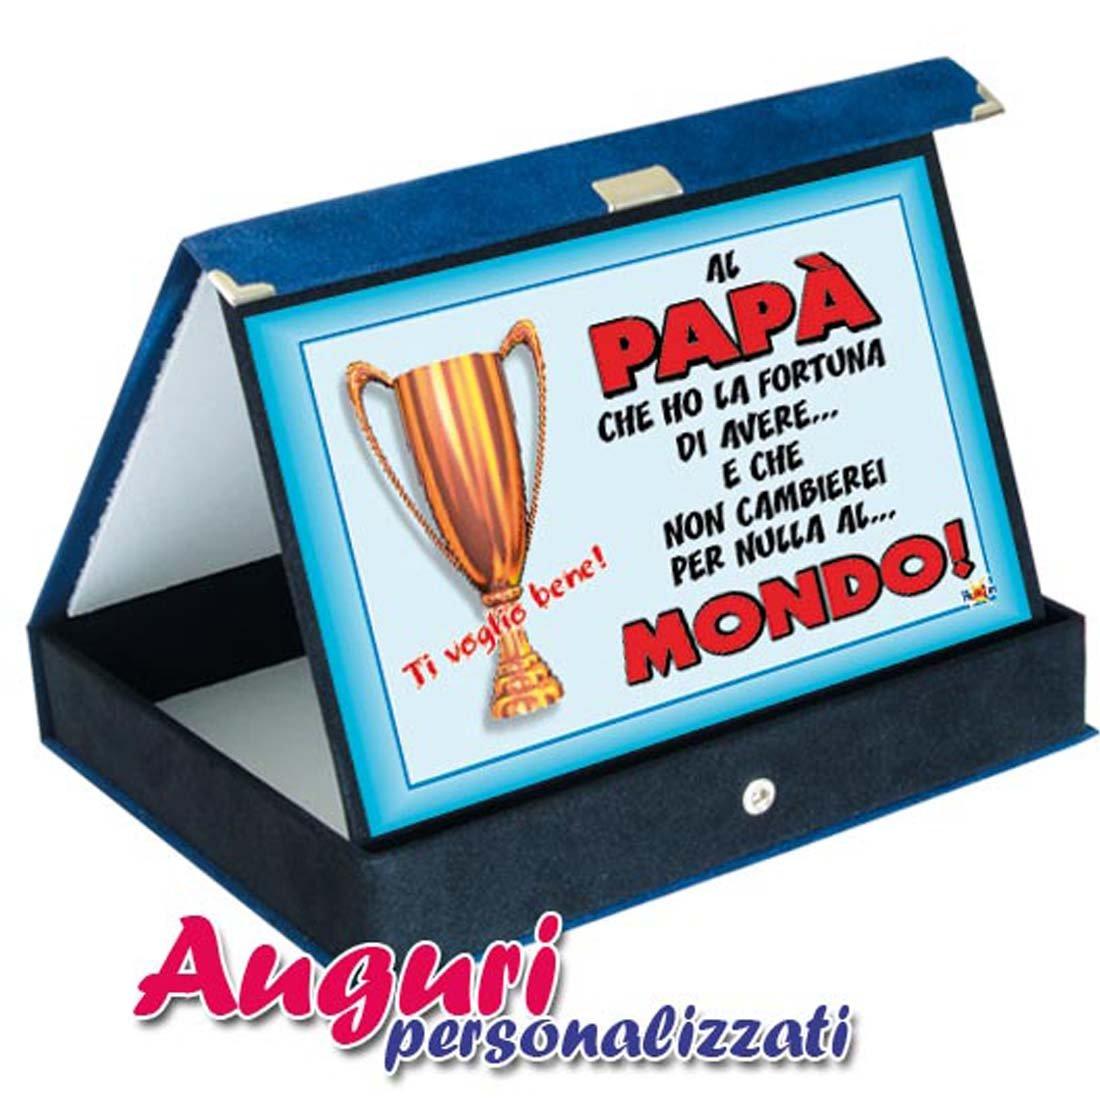 Favorito Targa premio al papà che ho la fortuna: Amazon.it: Giochi e giocattoli JI63